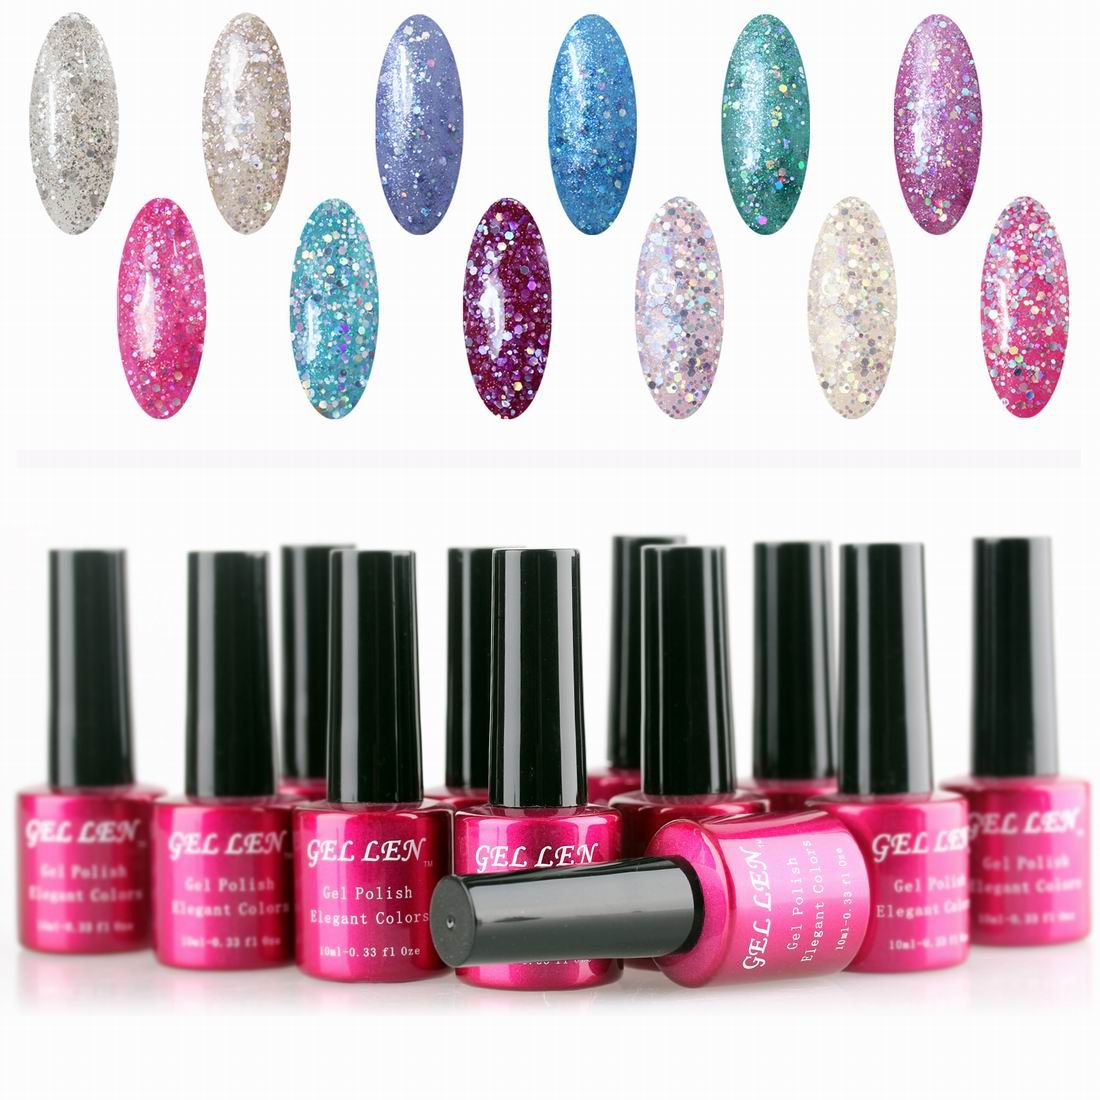 Gellen Brand Gel Nail Polish Non-toxic Soak Off Gel Nails UV LED Gel ...